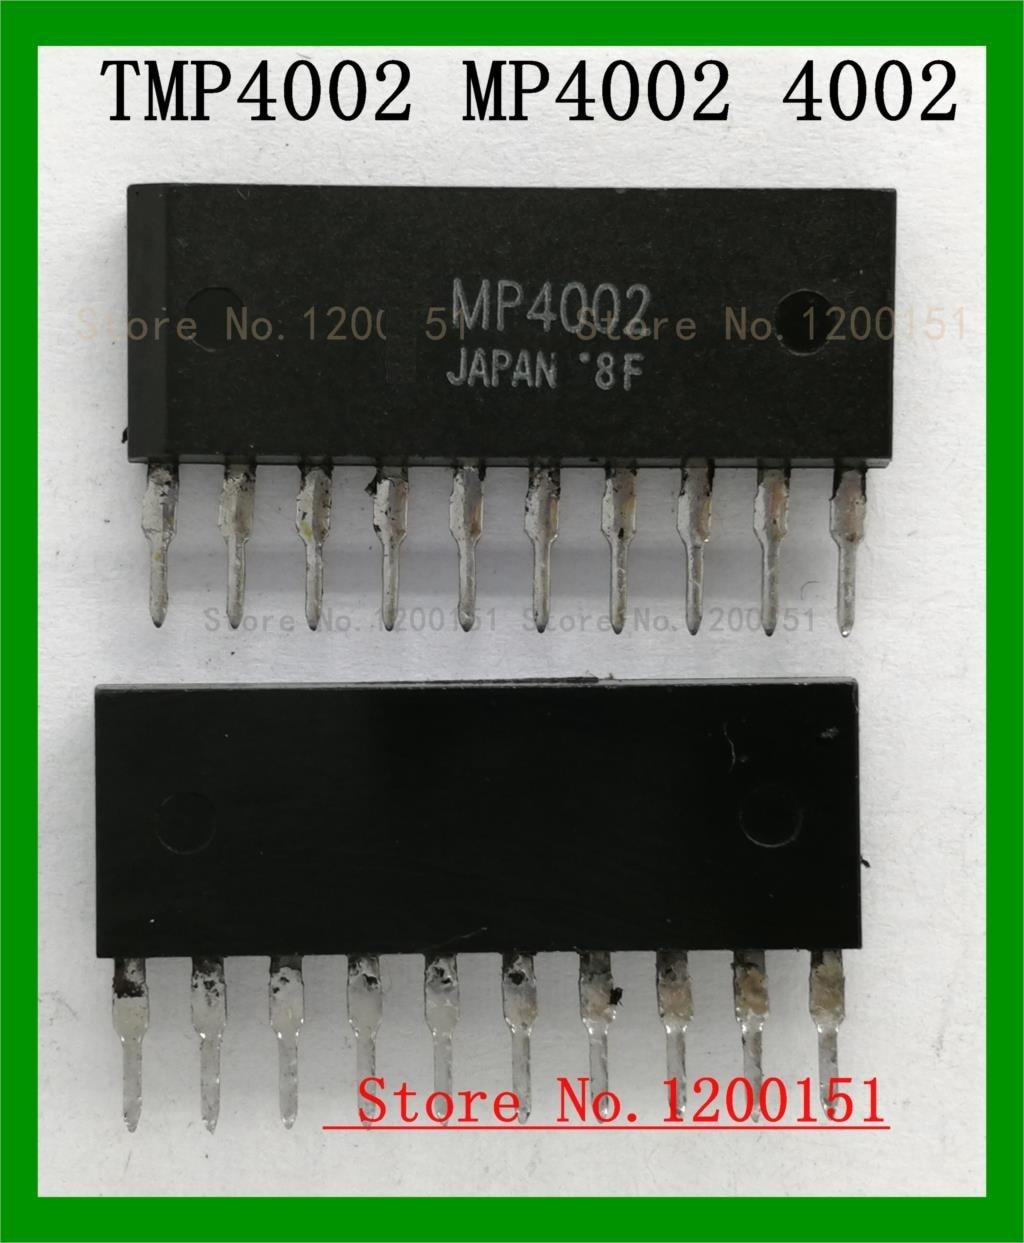 5pcs/lot MP4002 TMP4002 MP4018 MP4210 TMP4210 MP4211 TMP4211 MP4212 TMP4212 MP4402 TMP4402 MP4403 TMP4403 ZIP